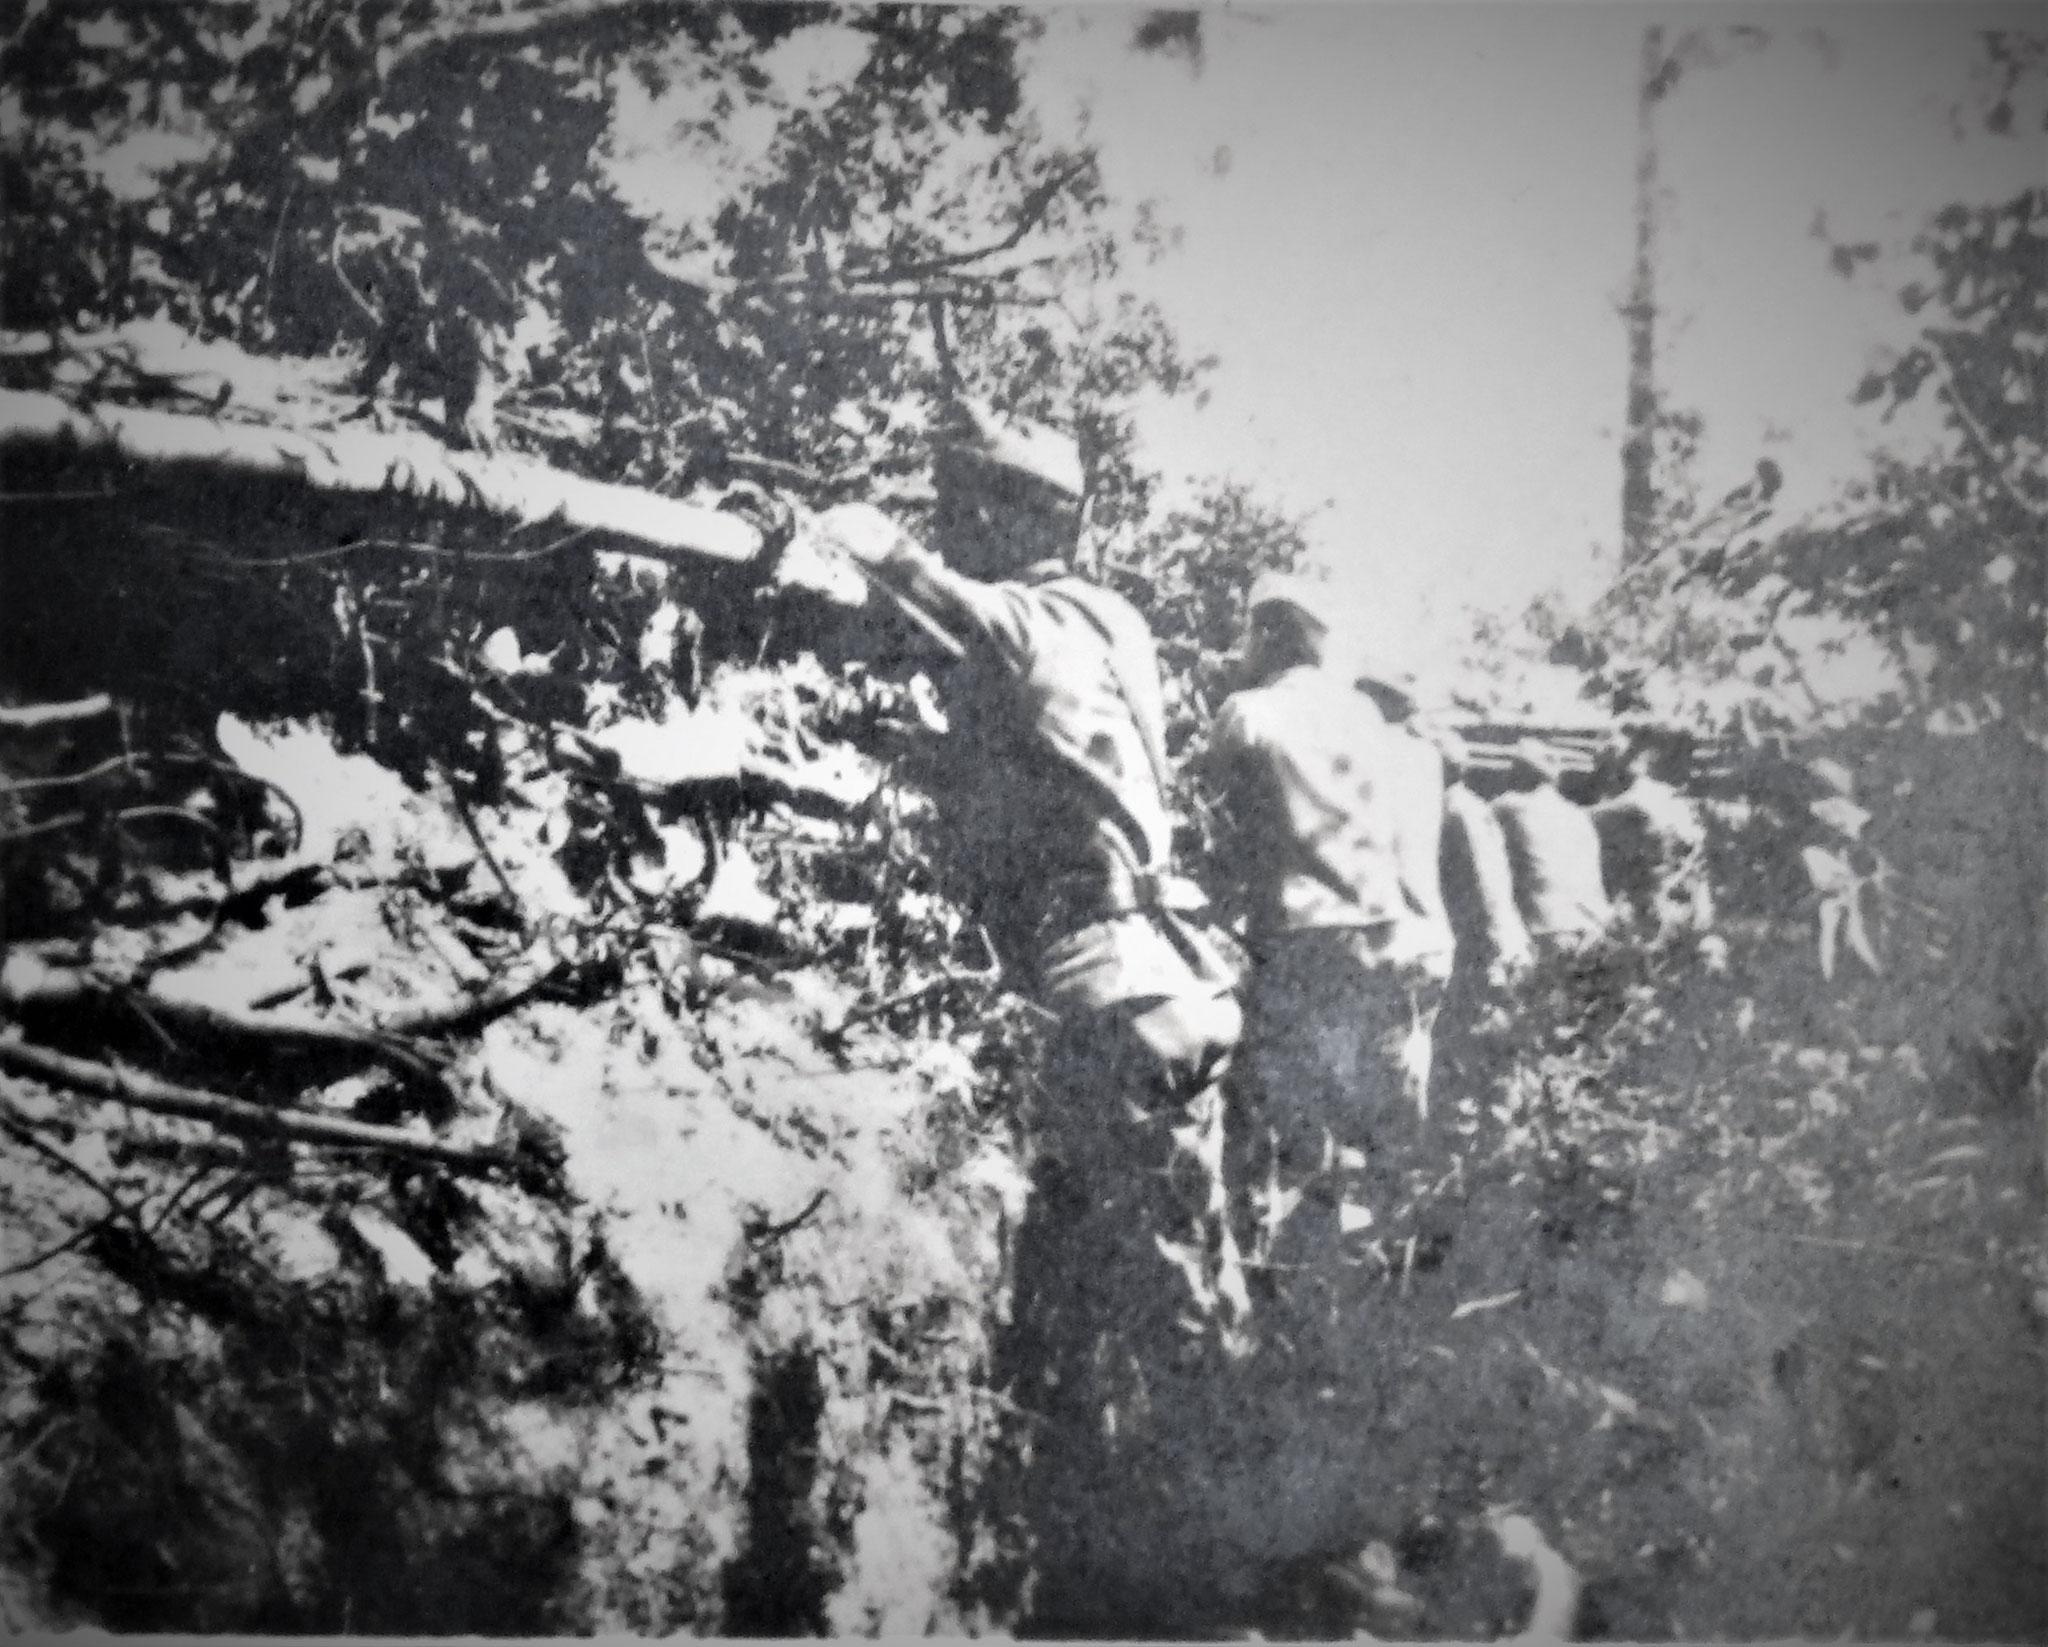 Fwache Nr 11, rechter Verbindungsgraben u. mittlere Kampfstellung; Besetzungsübung.